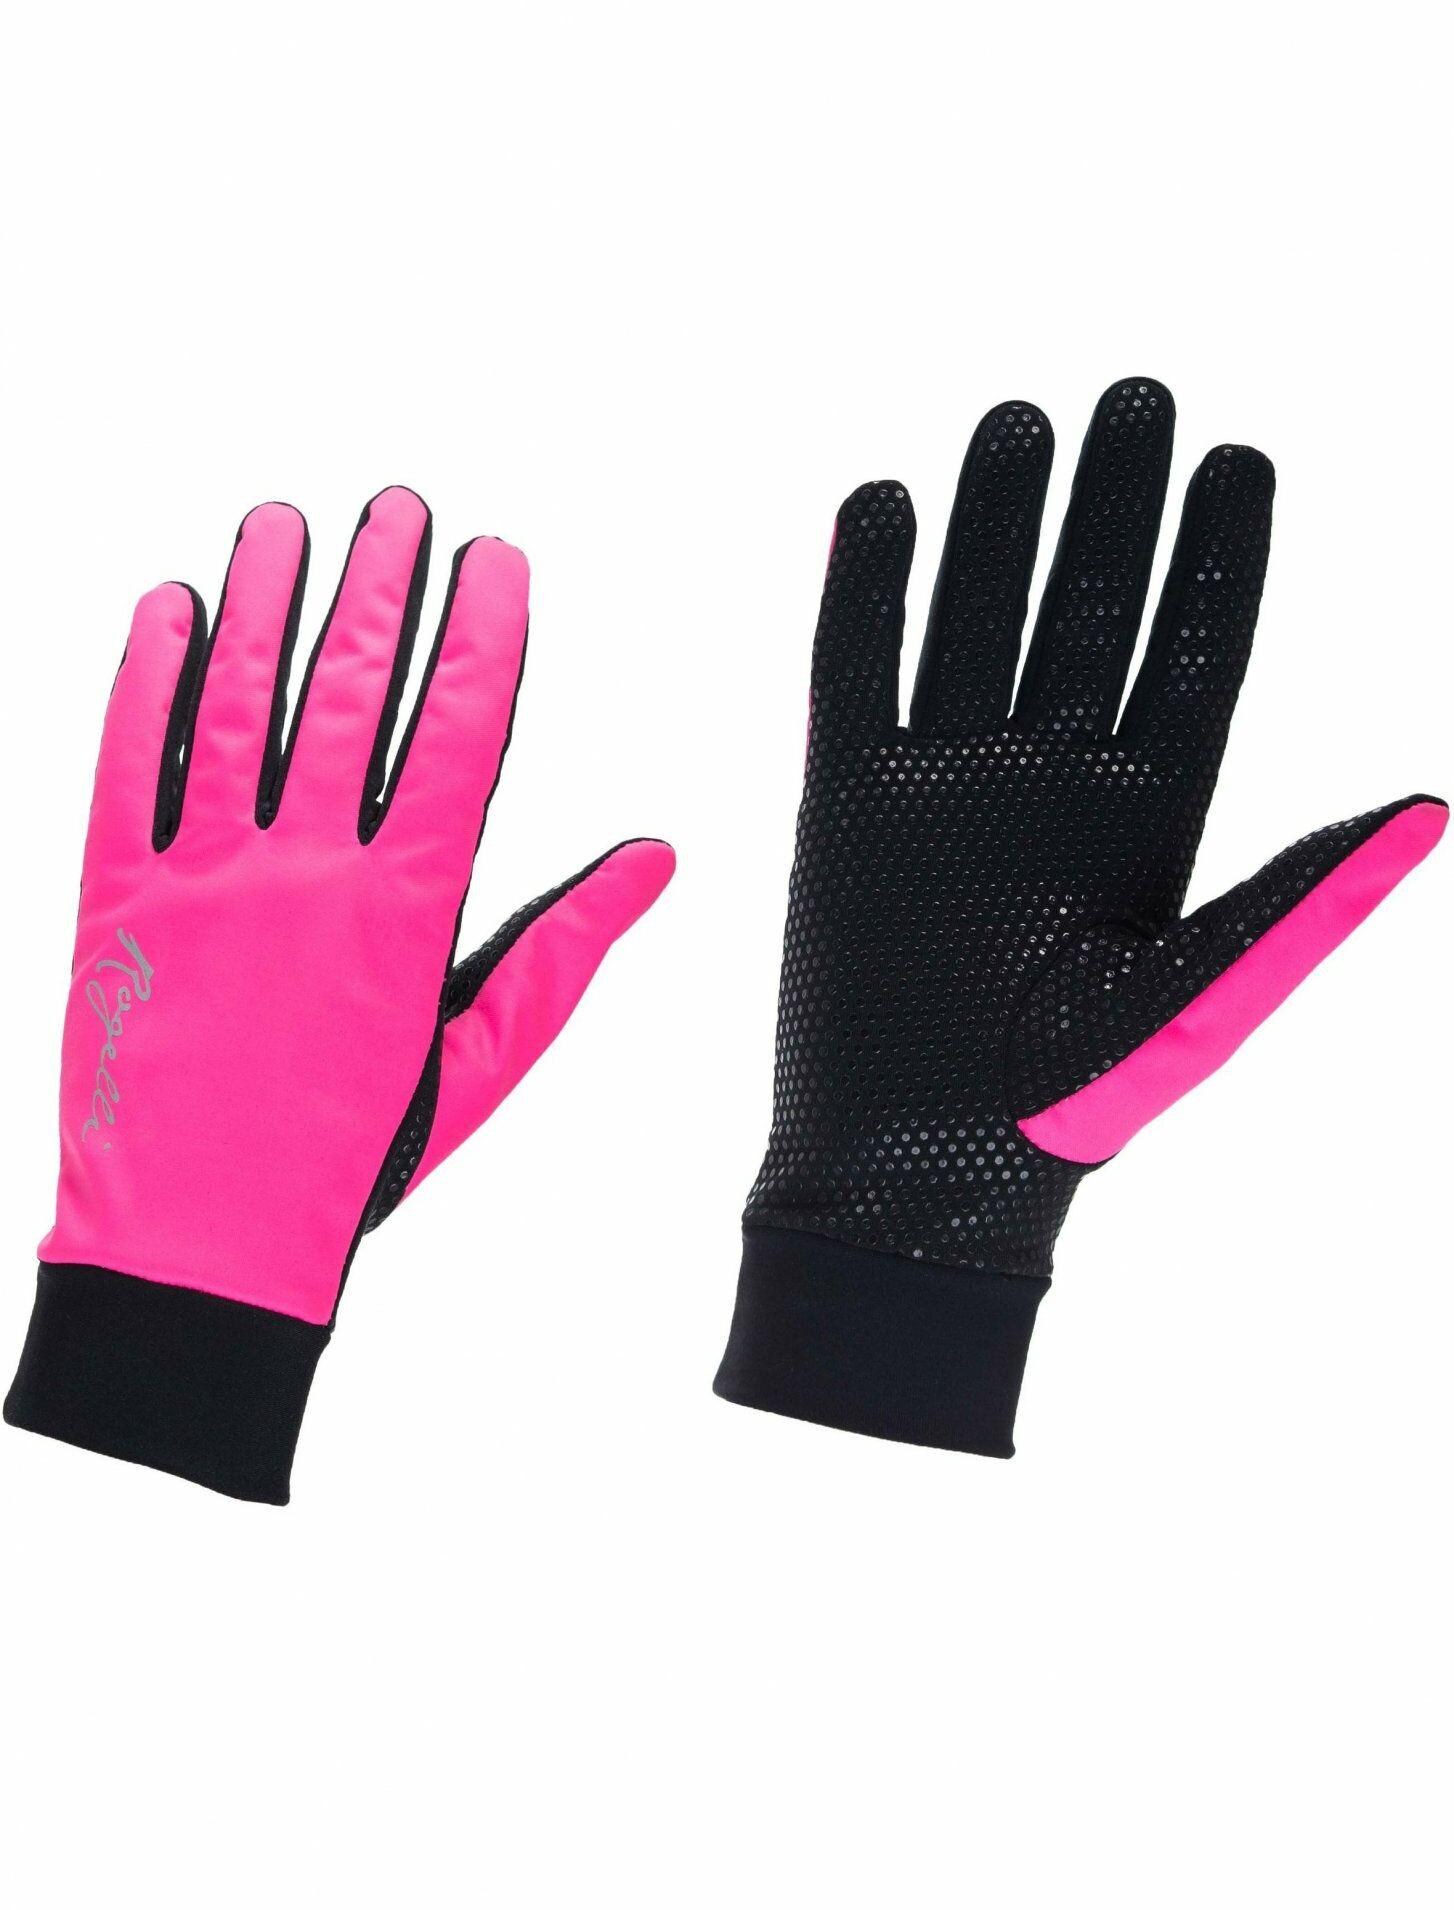 ROGELLI LAVAL Damskie zimowe rękawiczki Różowe 010.662 Rozmiar: M,ROGELLI LAVAL 010.662